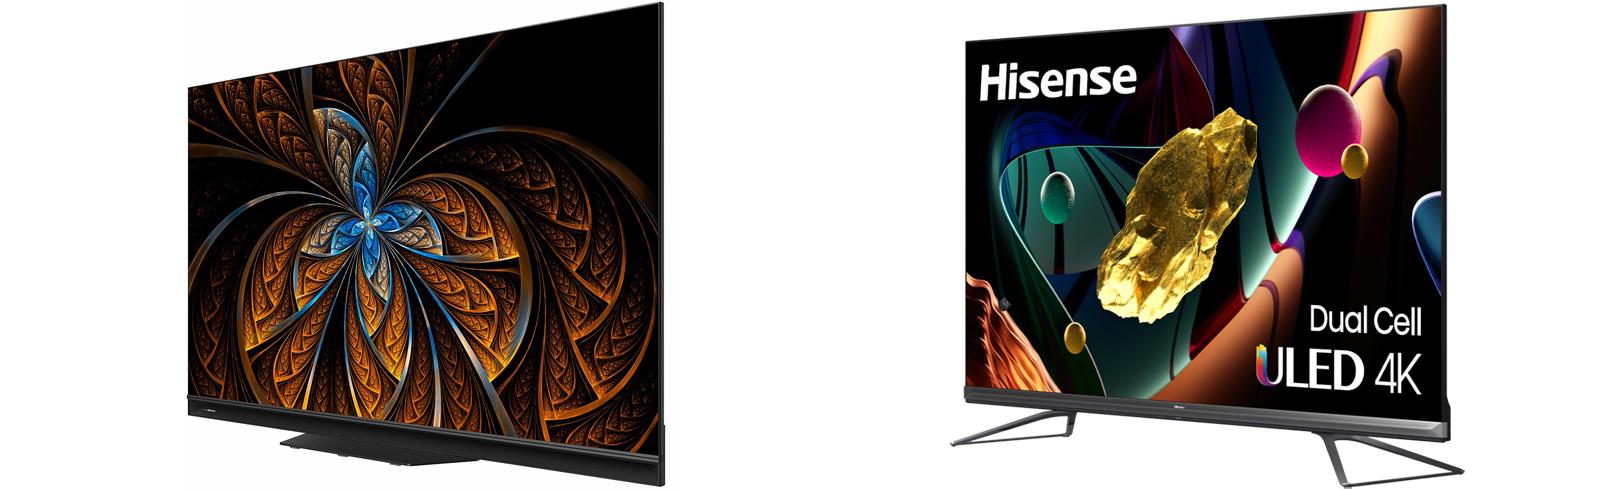 Hisense 75U9GQ and Hisense 65U9GQ comprise the U9G Mini LED 4K TV series in Europe